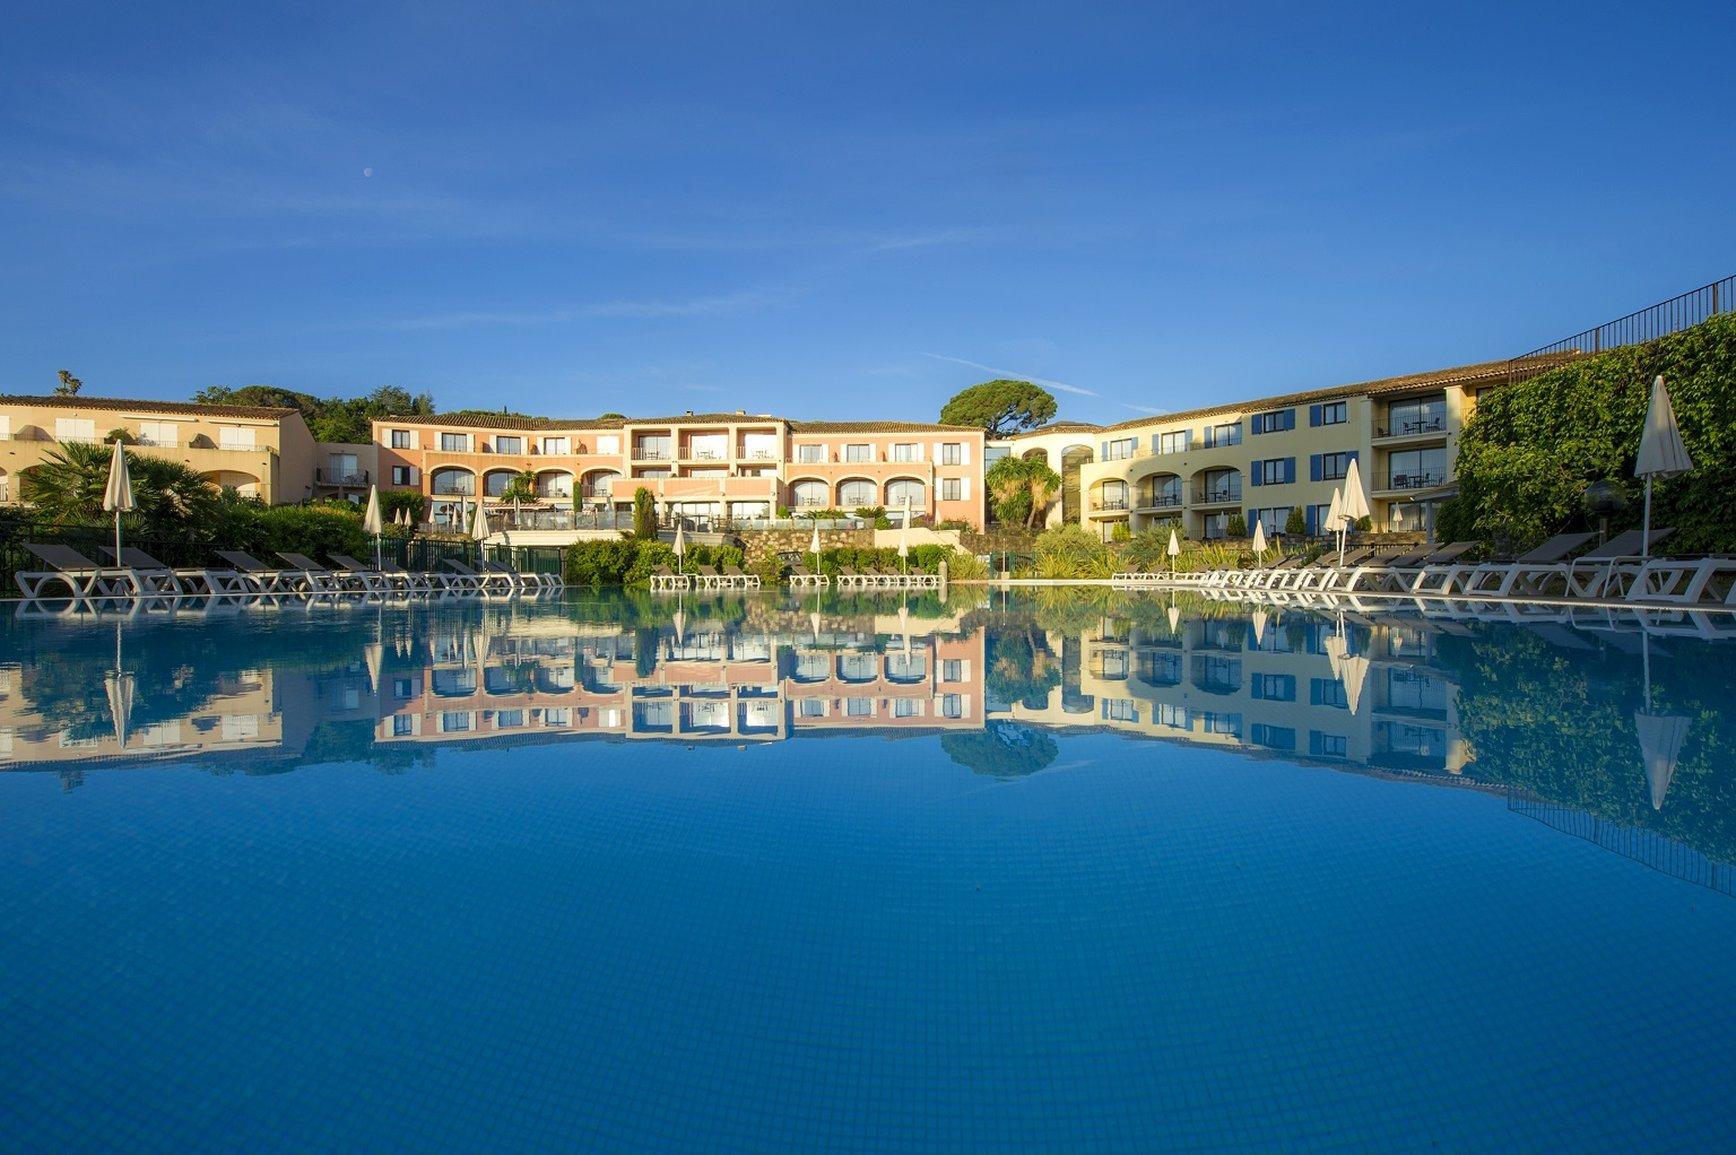 Hotel Les Jardins De Sainte-Maxime- Sainte Maxime, France ... à Hotel Les Jardins De Sainte Maxime